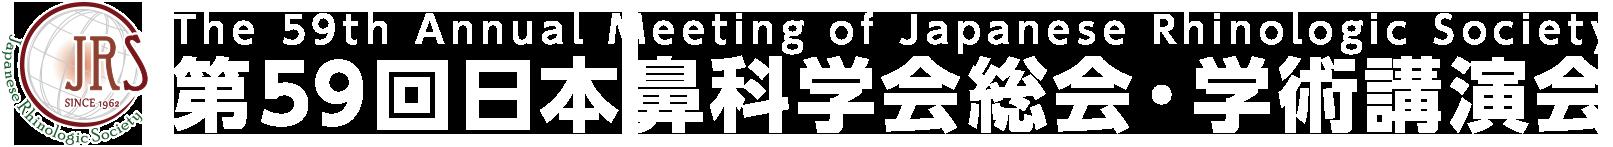 第59回日本鼻科学会総会・学術講演会